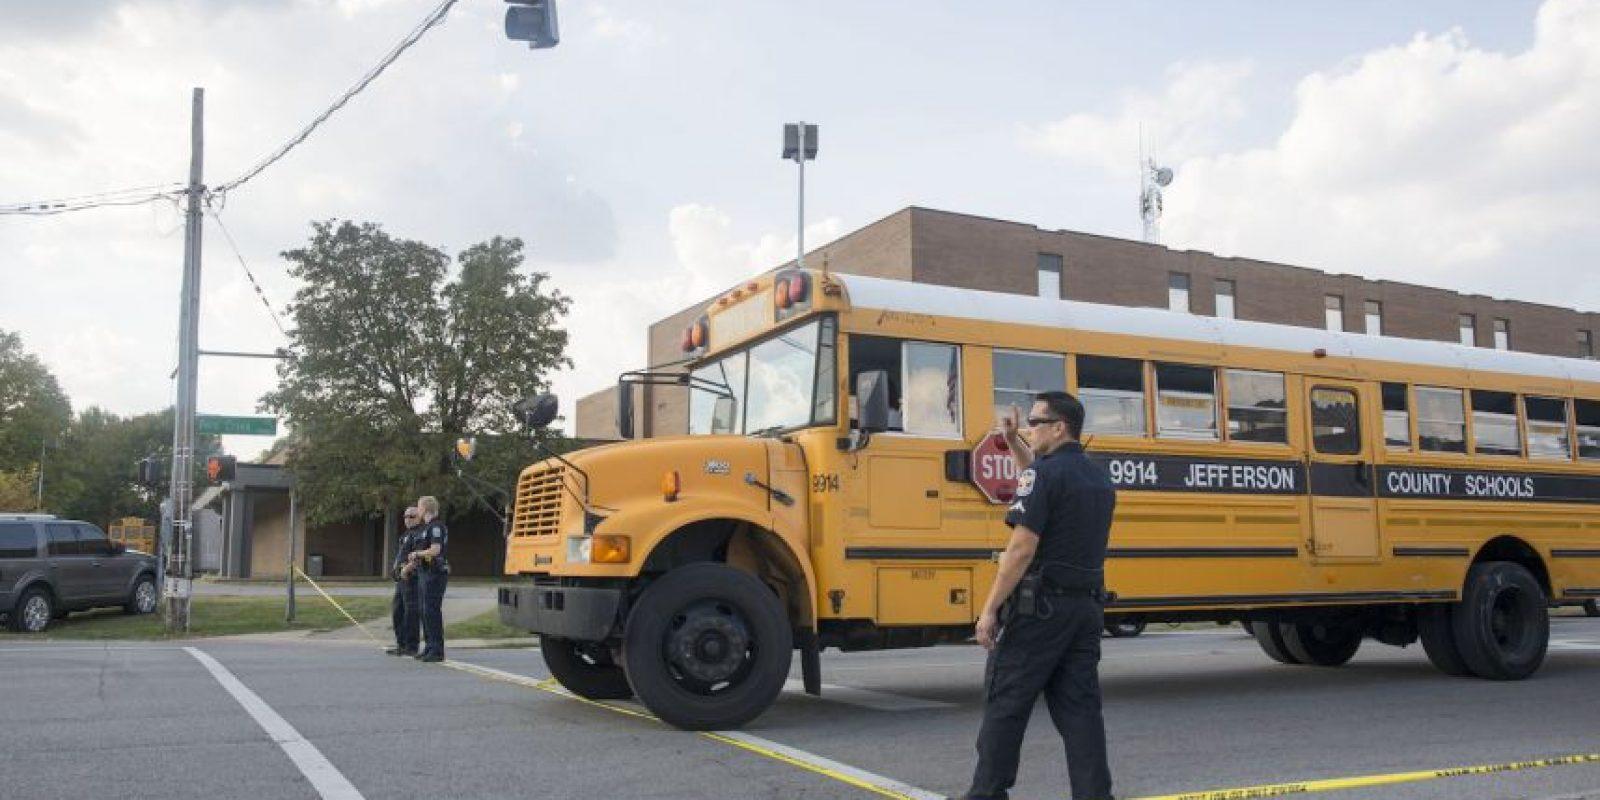 Un alguacil del condado de Kenton, Estados Unidos fue el responsable. Foto:Getty Images